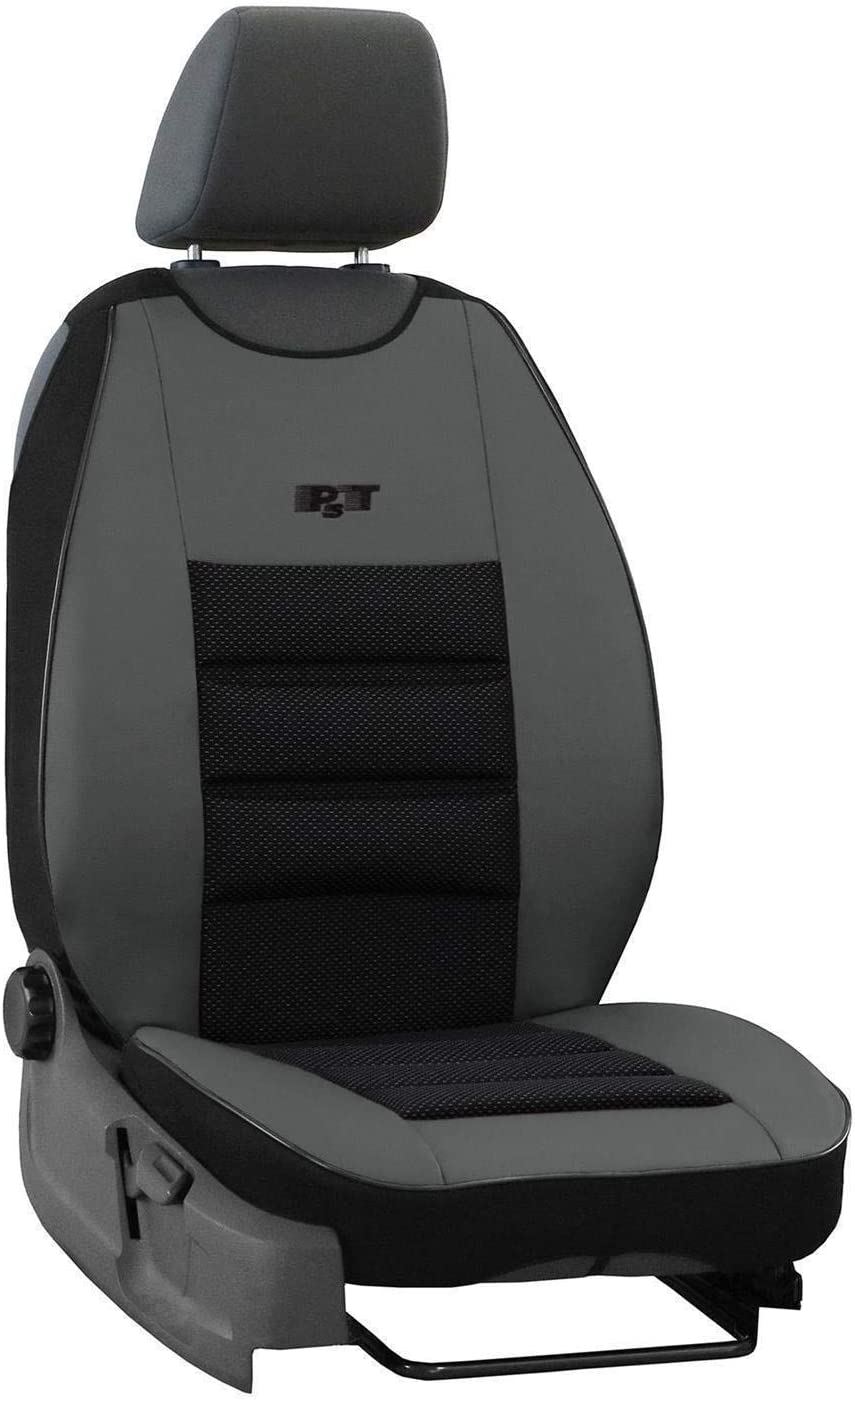 Sitzauflage Auto Vordersitze Autositzmatte Wasserdicht Autositzbezug Fahrersitz Universal Sitzschutz Kunstleder Beige mit Airbag 1 Autositz Vorne saferide